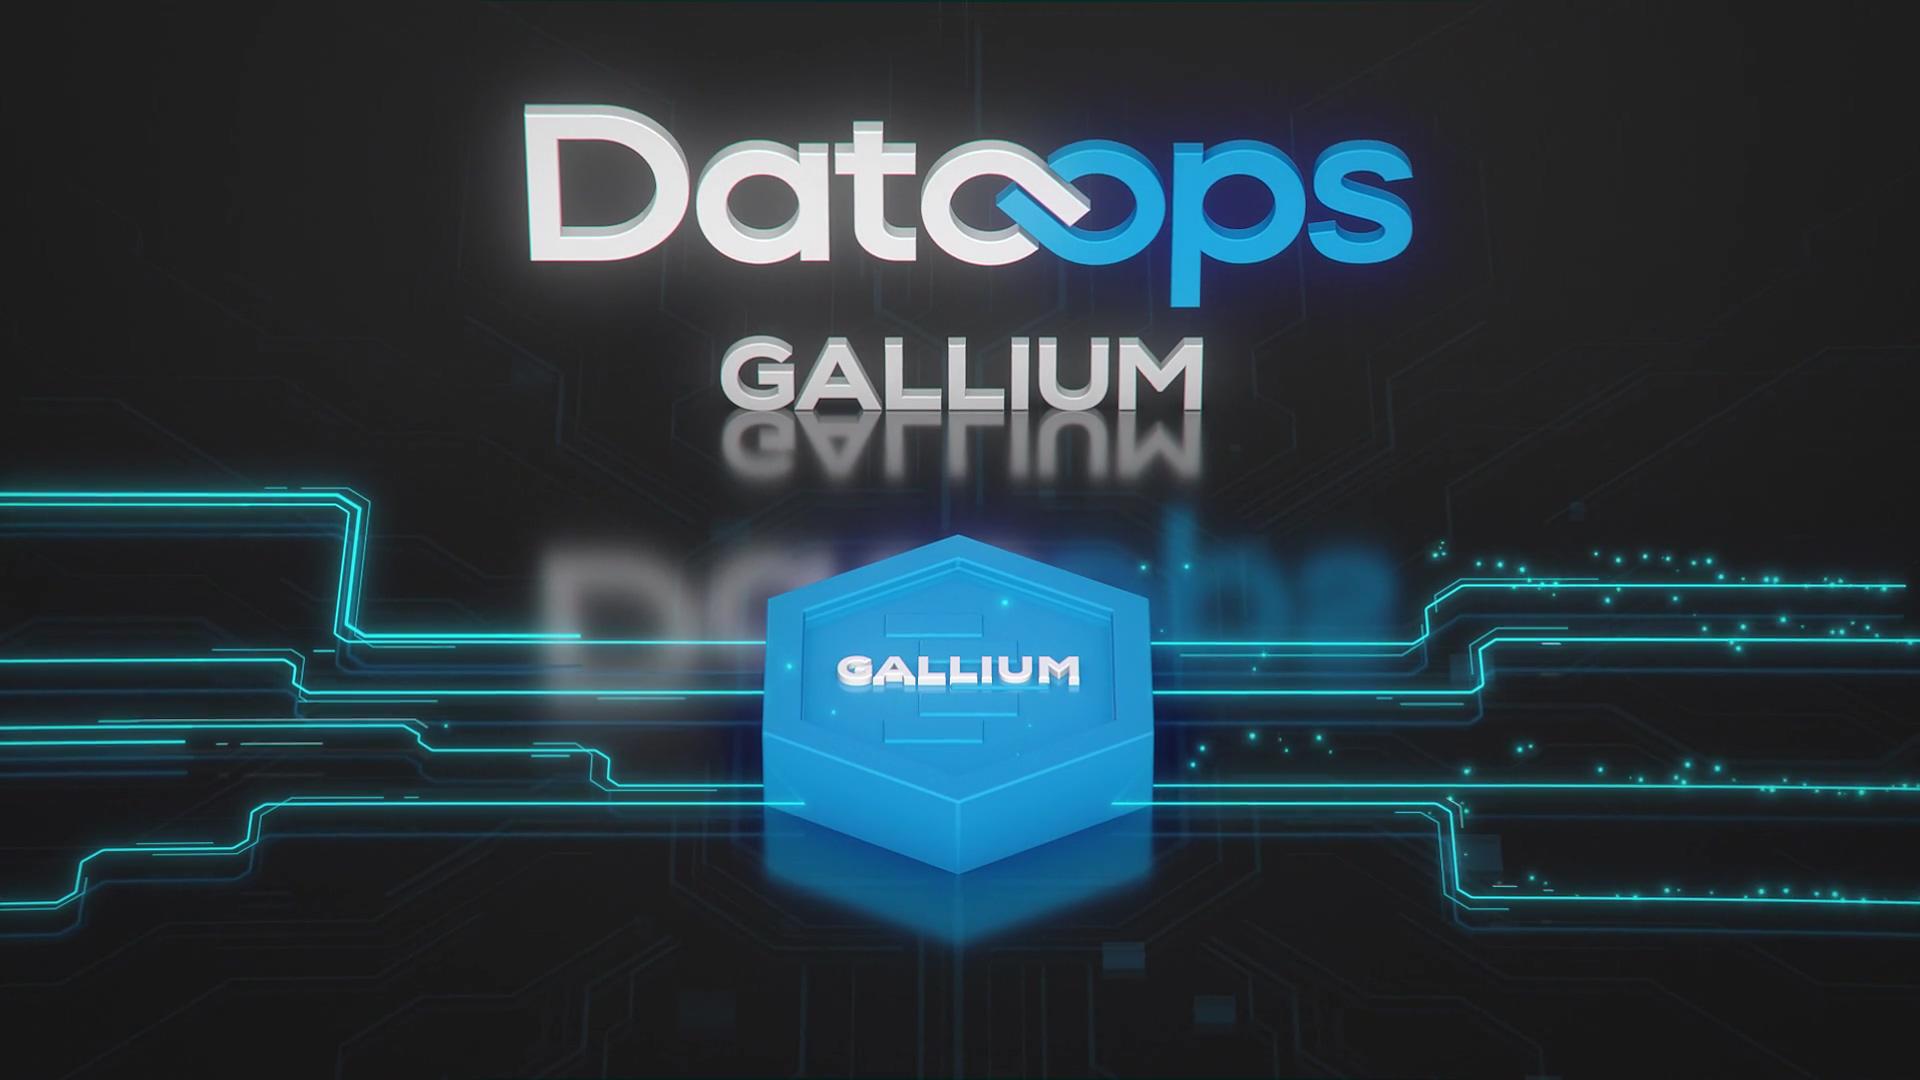 DataOps for IoT (Gallium)